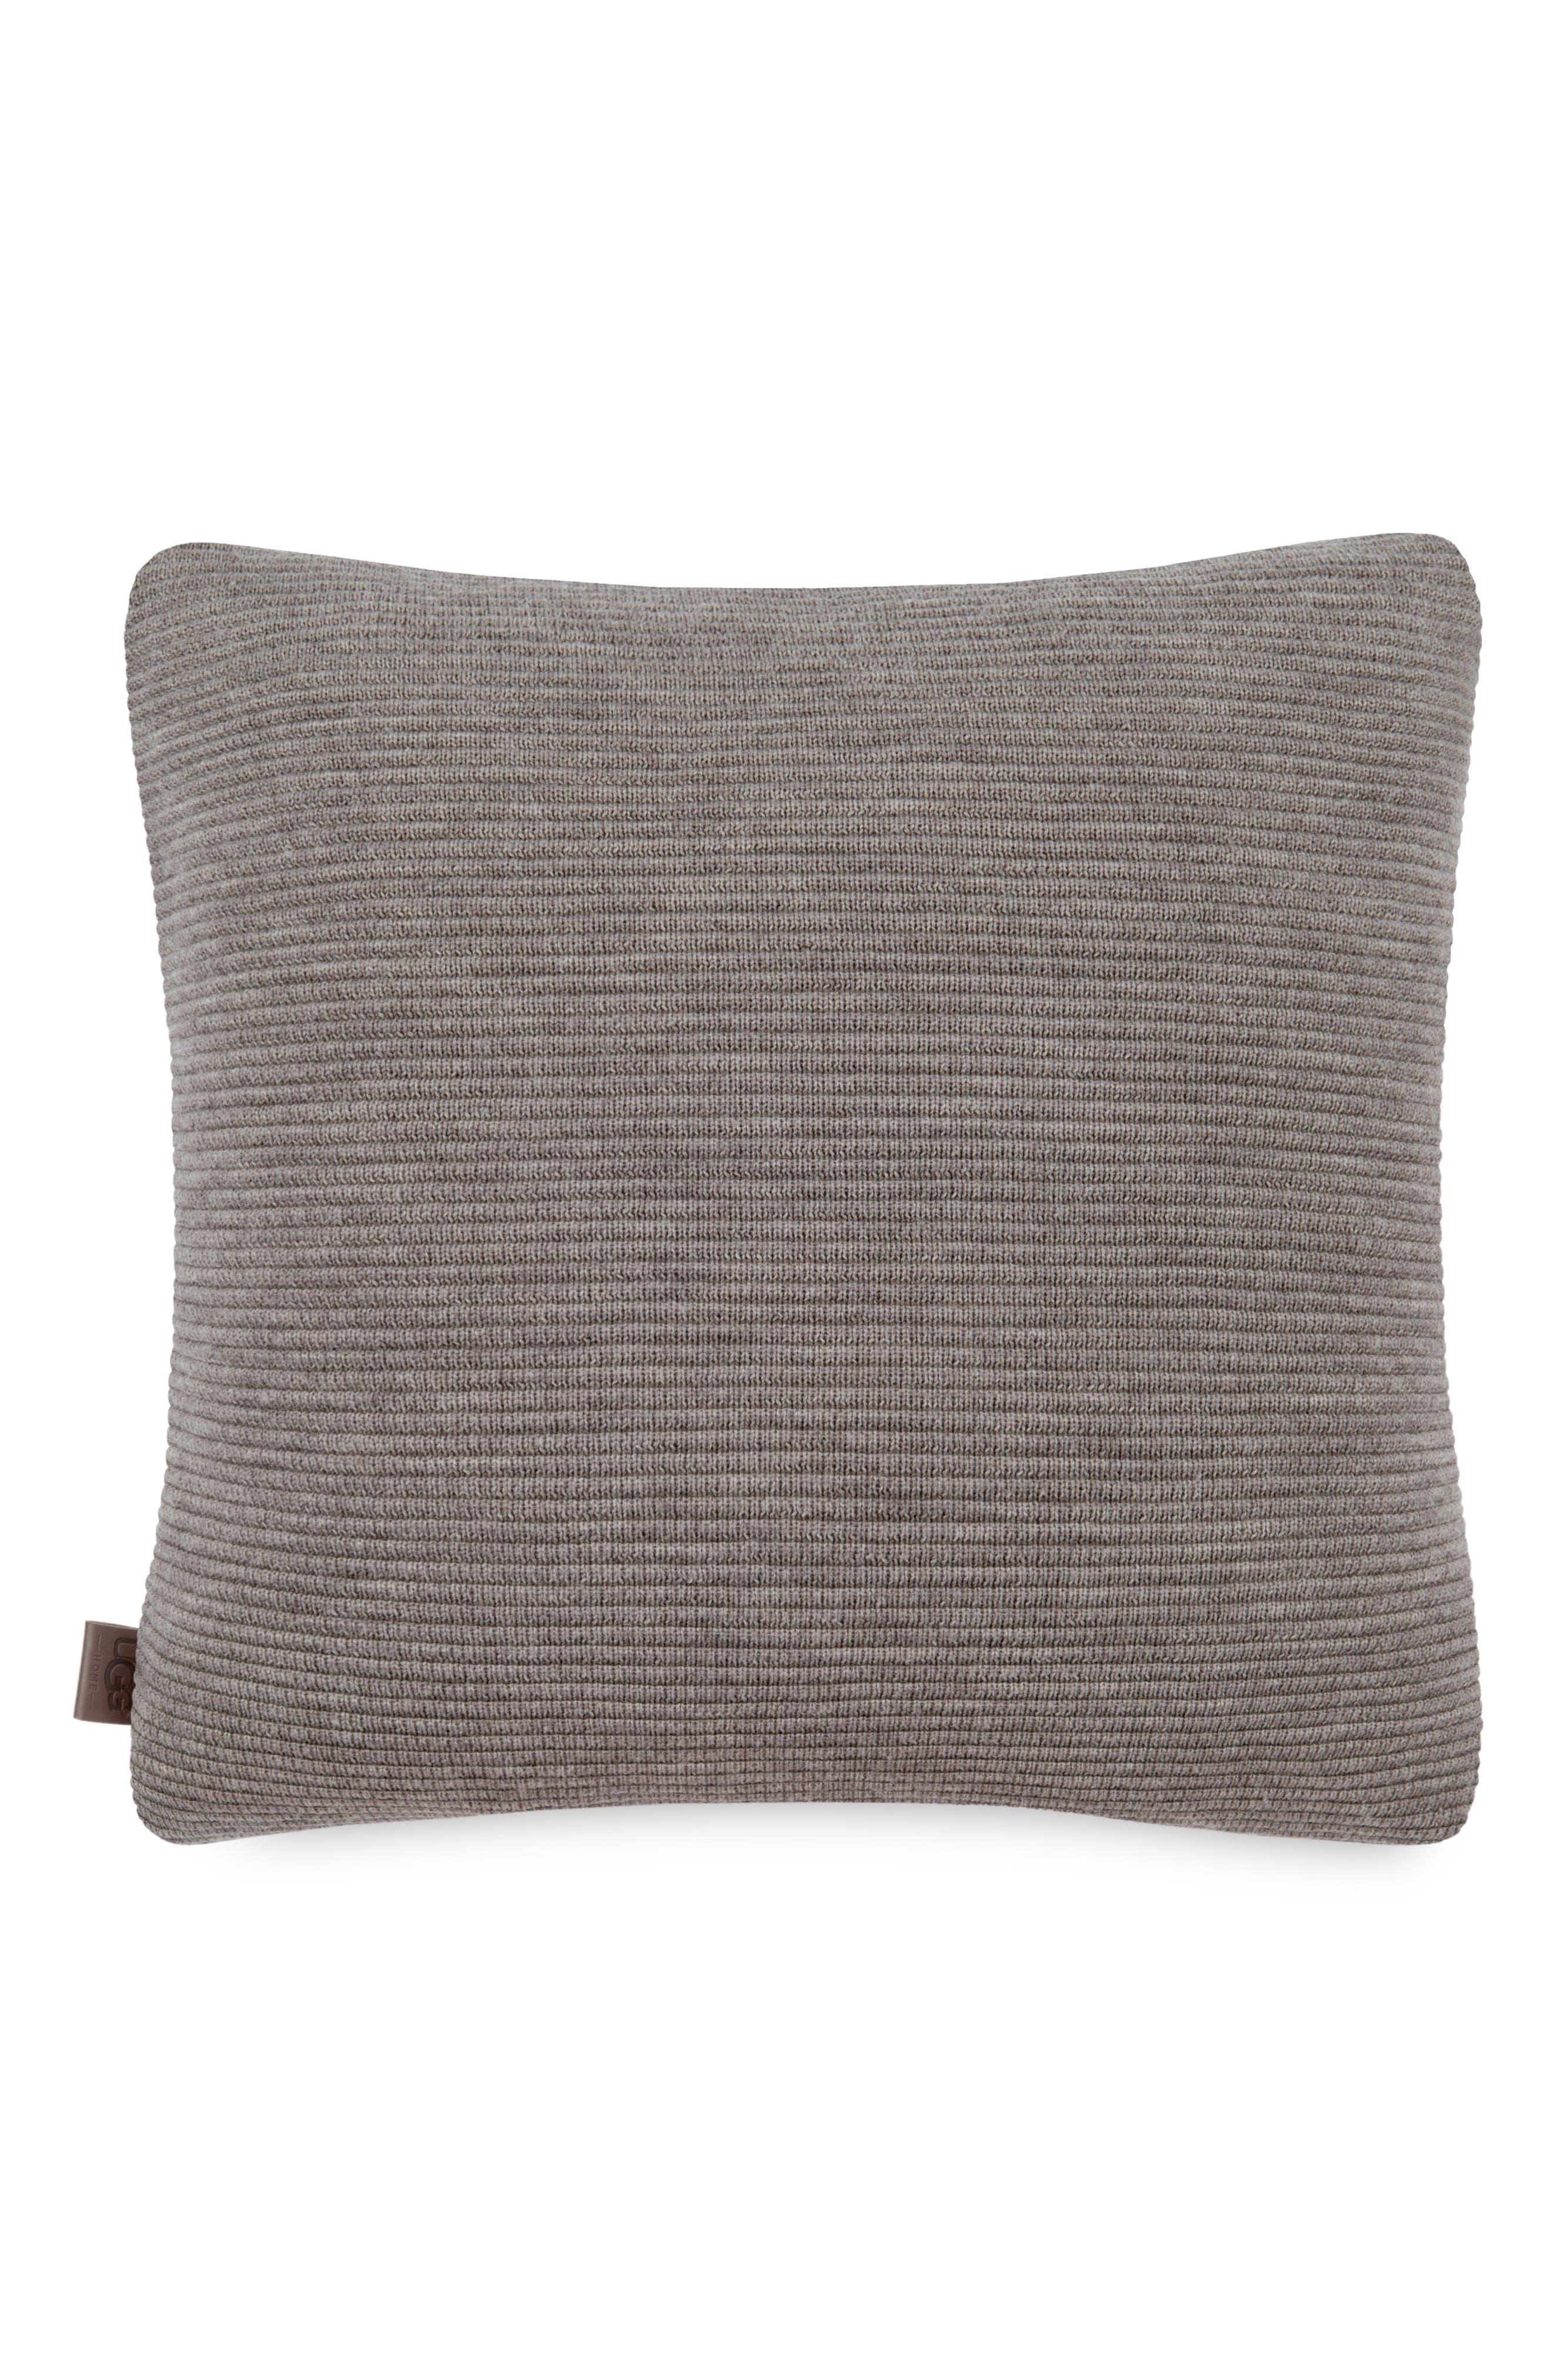 Horizontal Rib Pillow,                             Main thumbnail 1, color,                             Fawn/ Doeskin